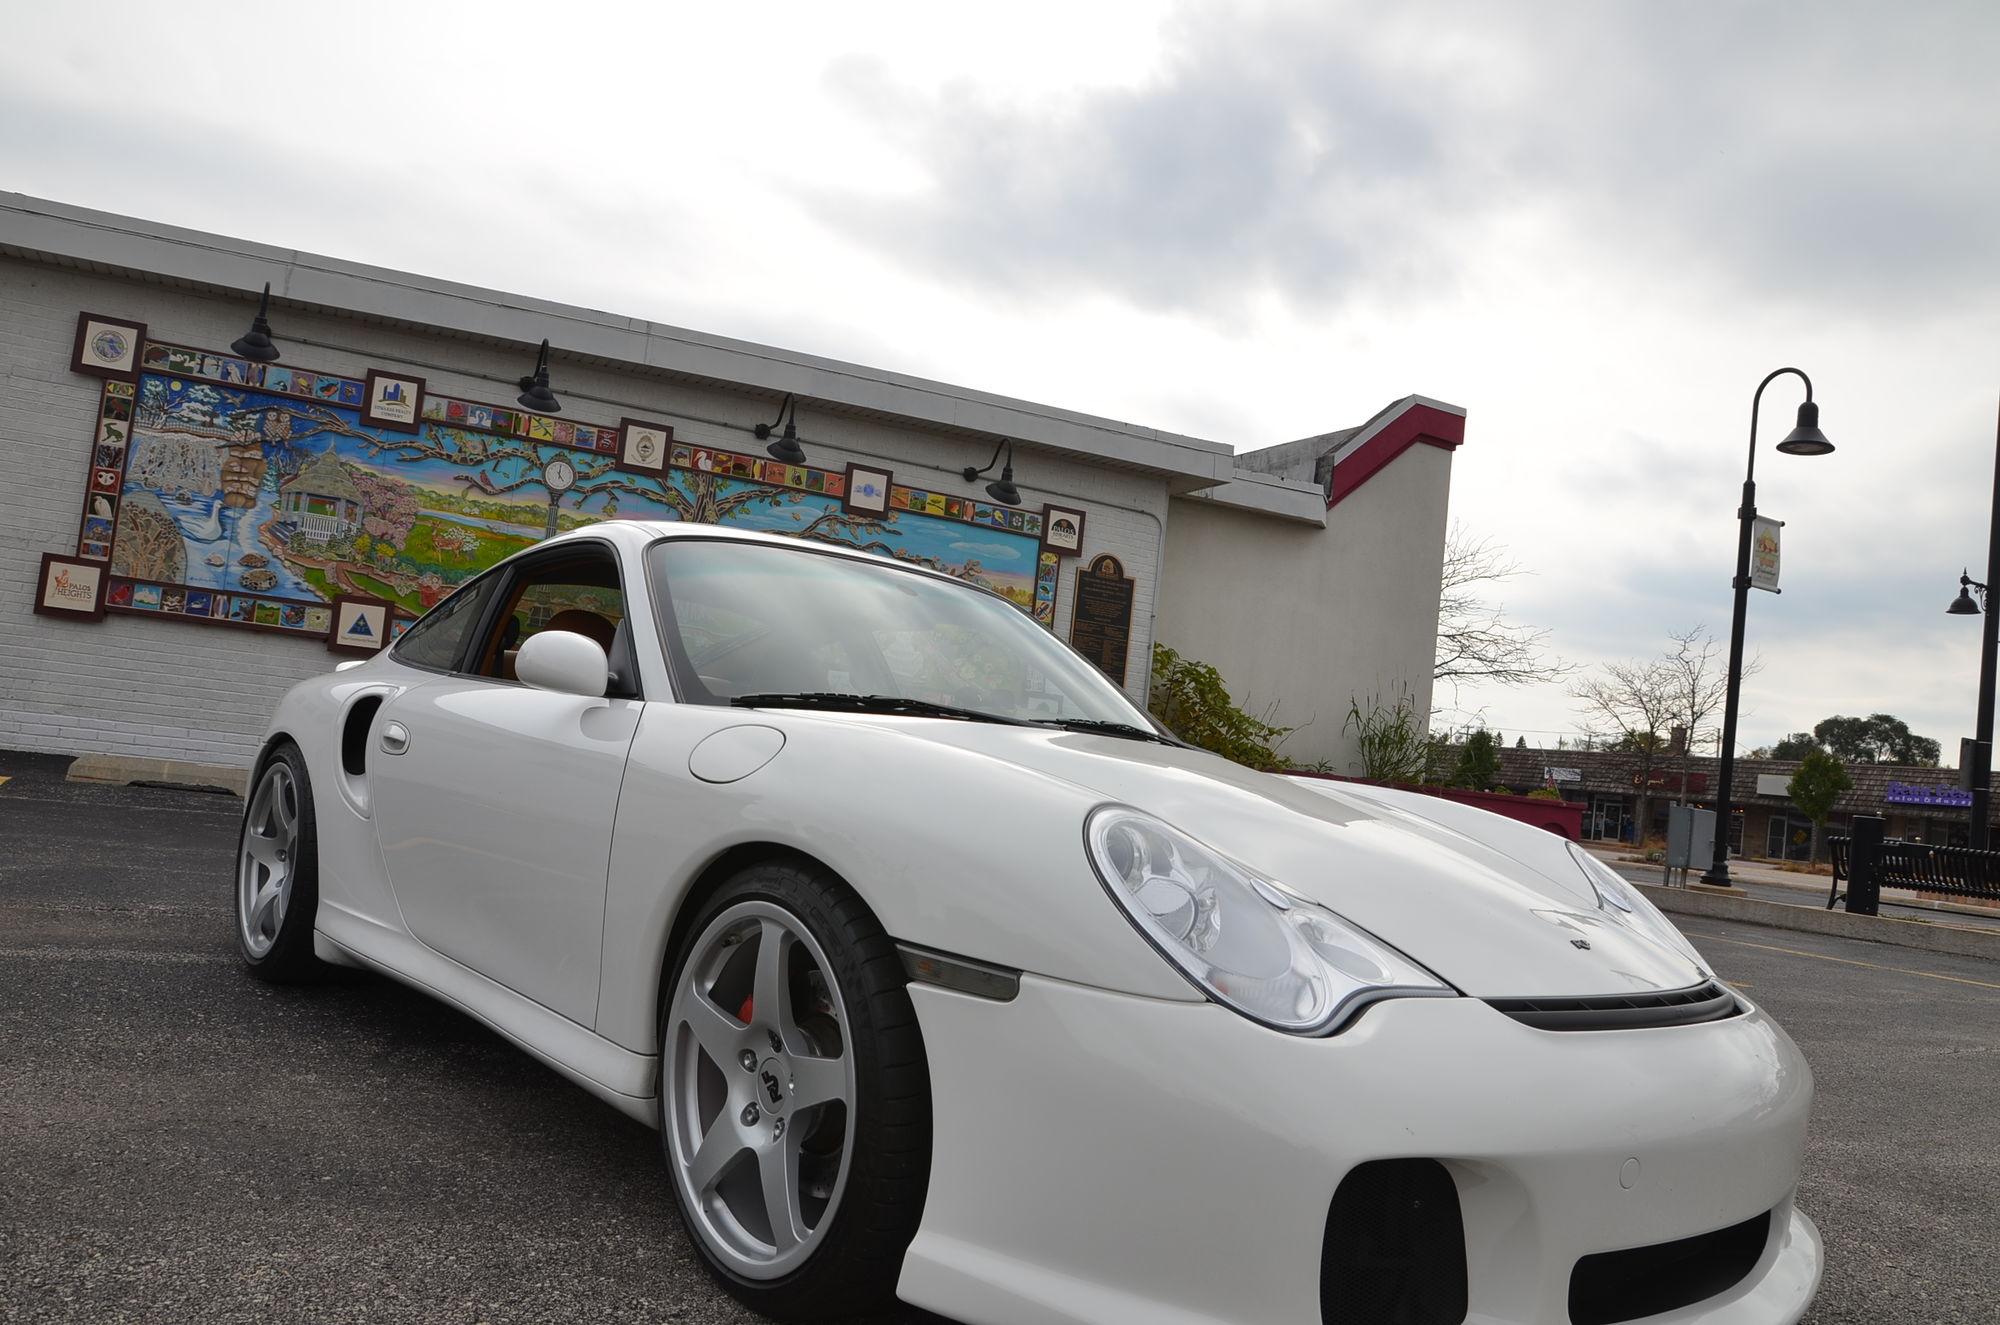 80-dsc_2110_3ec5e4f2b564a302721c3dac0775757eb5a43ecb Terrific 2002 Porsche 911 Carrera Turbo Gt2 X50 Cars Trend